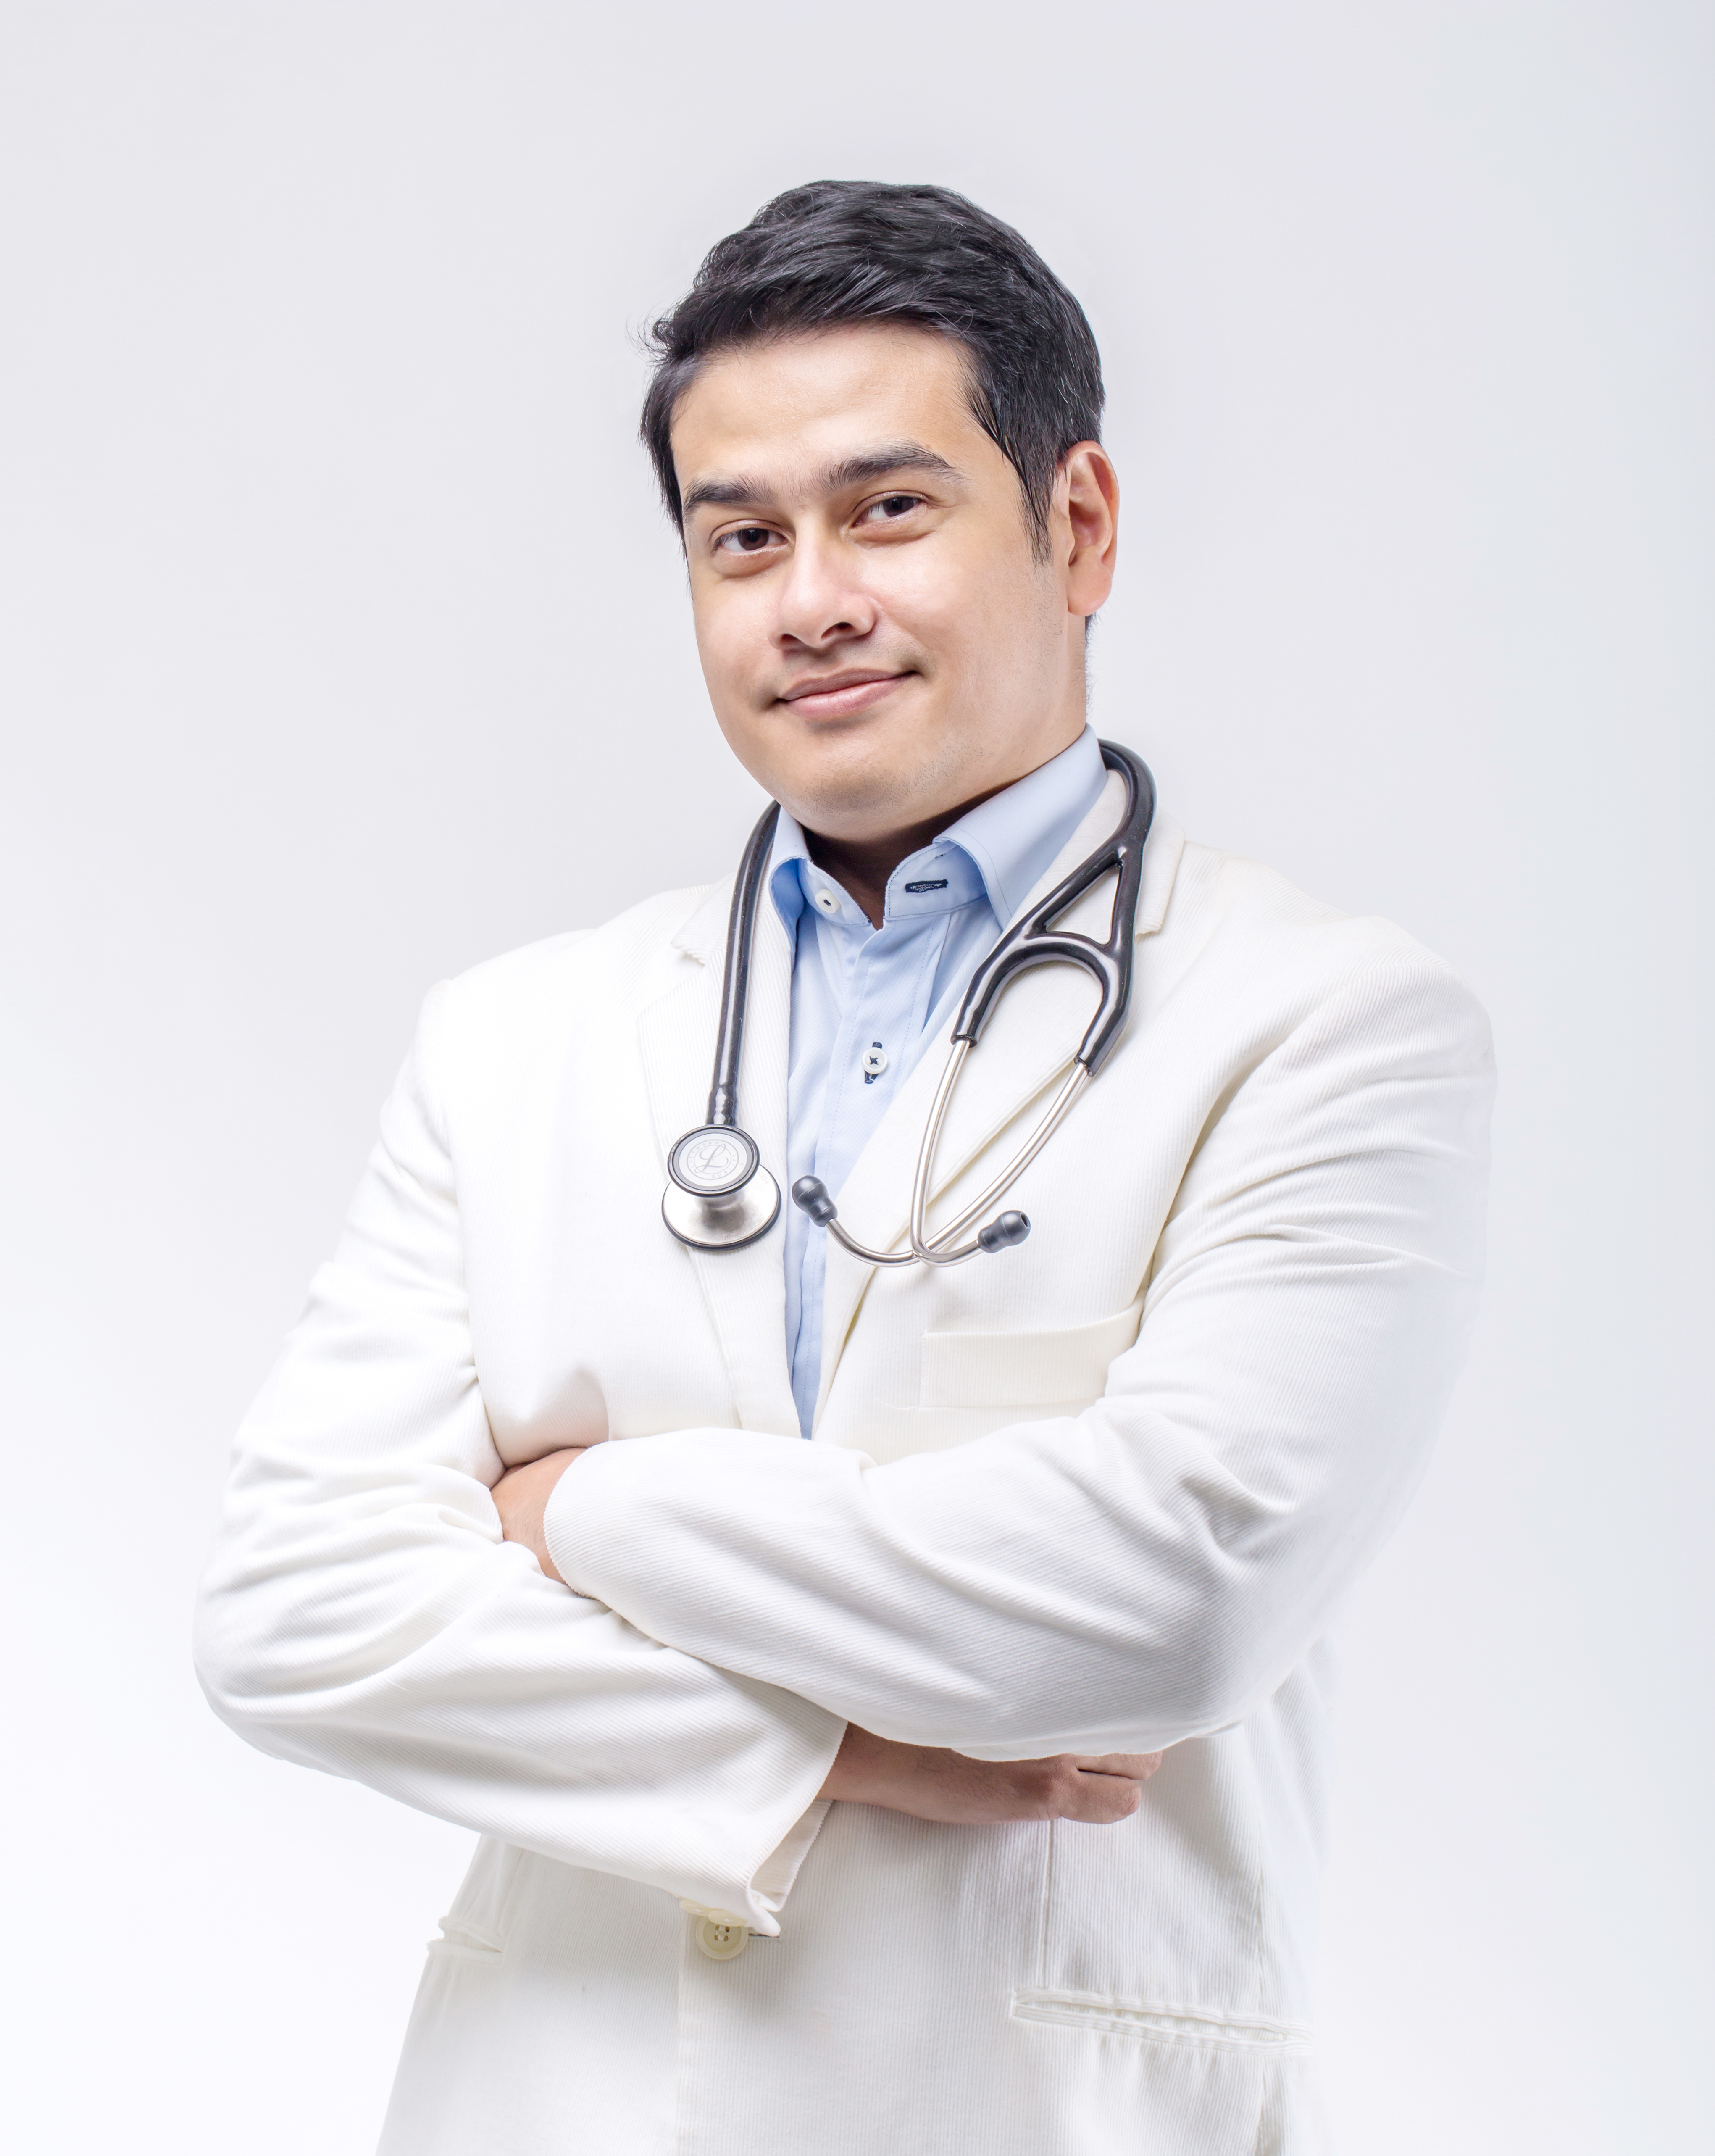 Resident doctor, Dr Fin